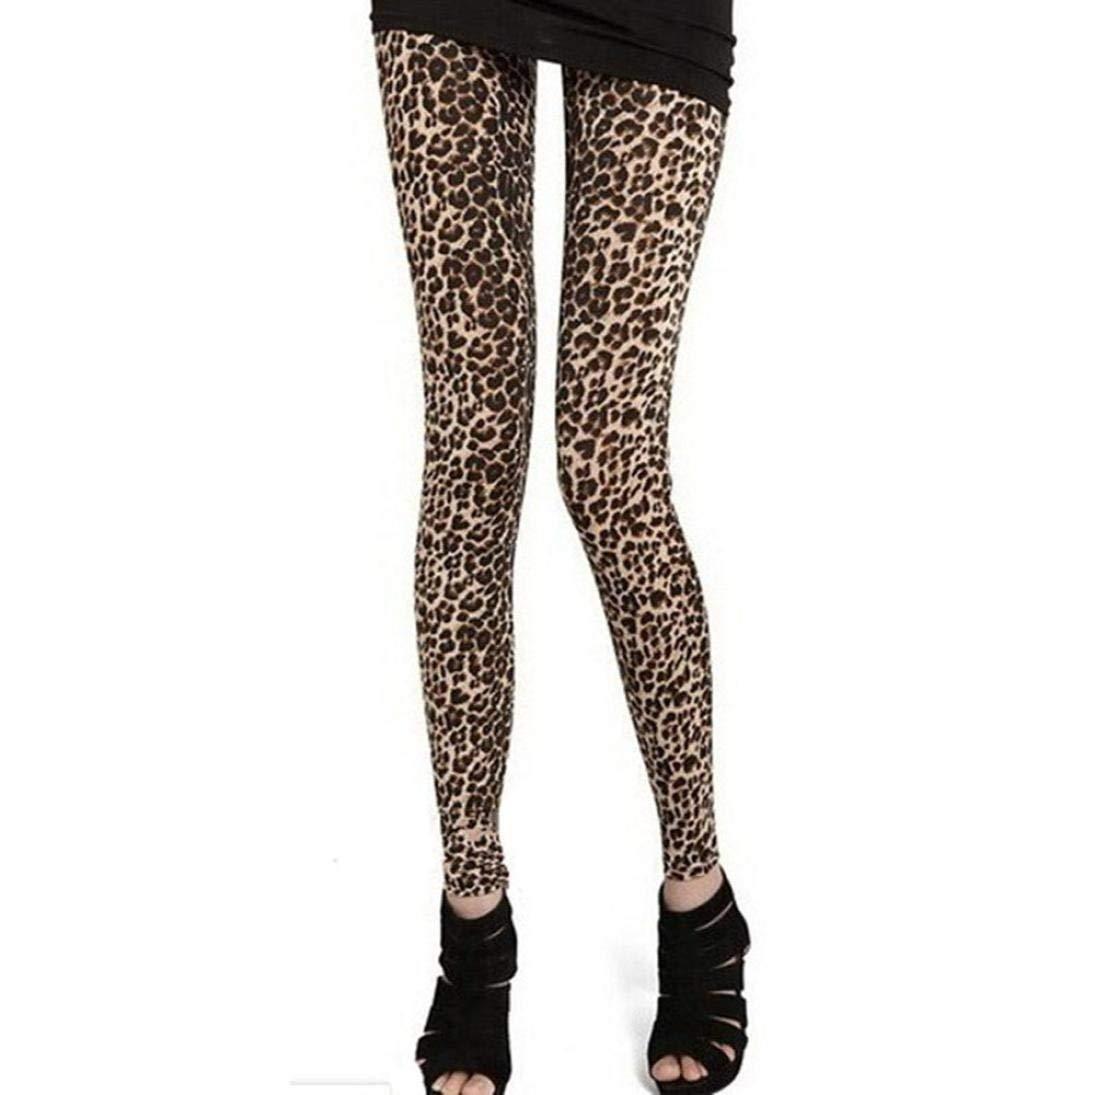 1b472999b2369 Get Quotations · Hongxin Europe America Women Sexy High Elastic Harajuku  Printed Leggings Christmas Snowflake Deer Pattern Slim Leggings